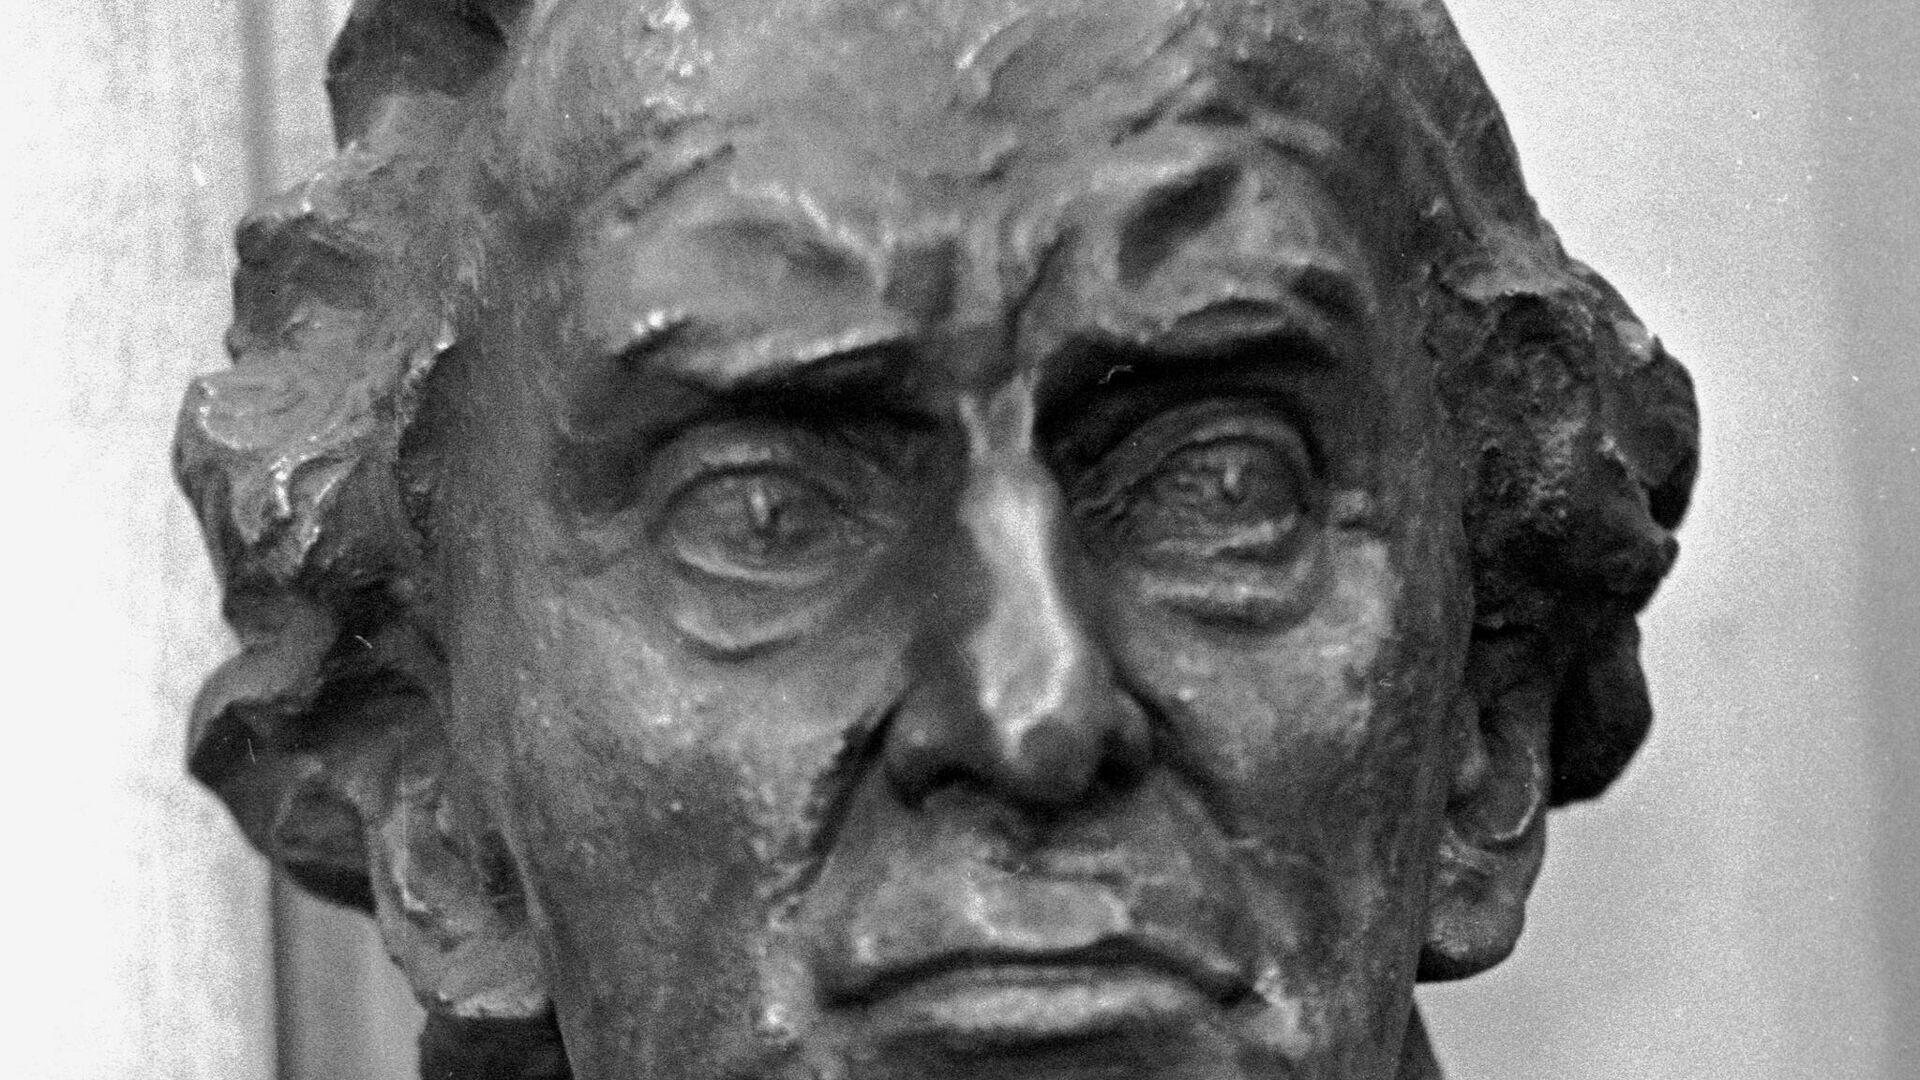 Скульптурный портрет английского философа, математика и общественного деятеля Бертрана Рассела - РИА Новости, 1920, 18.05.2021